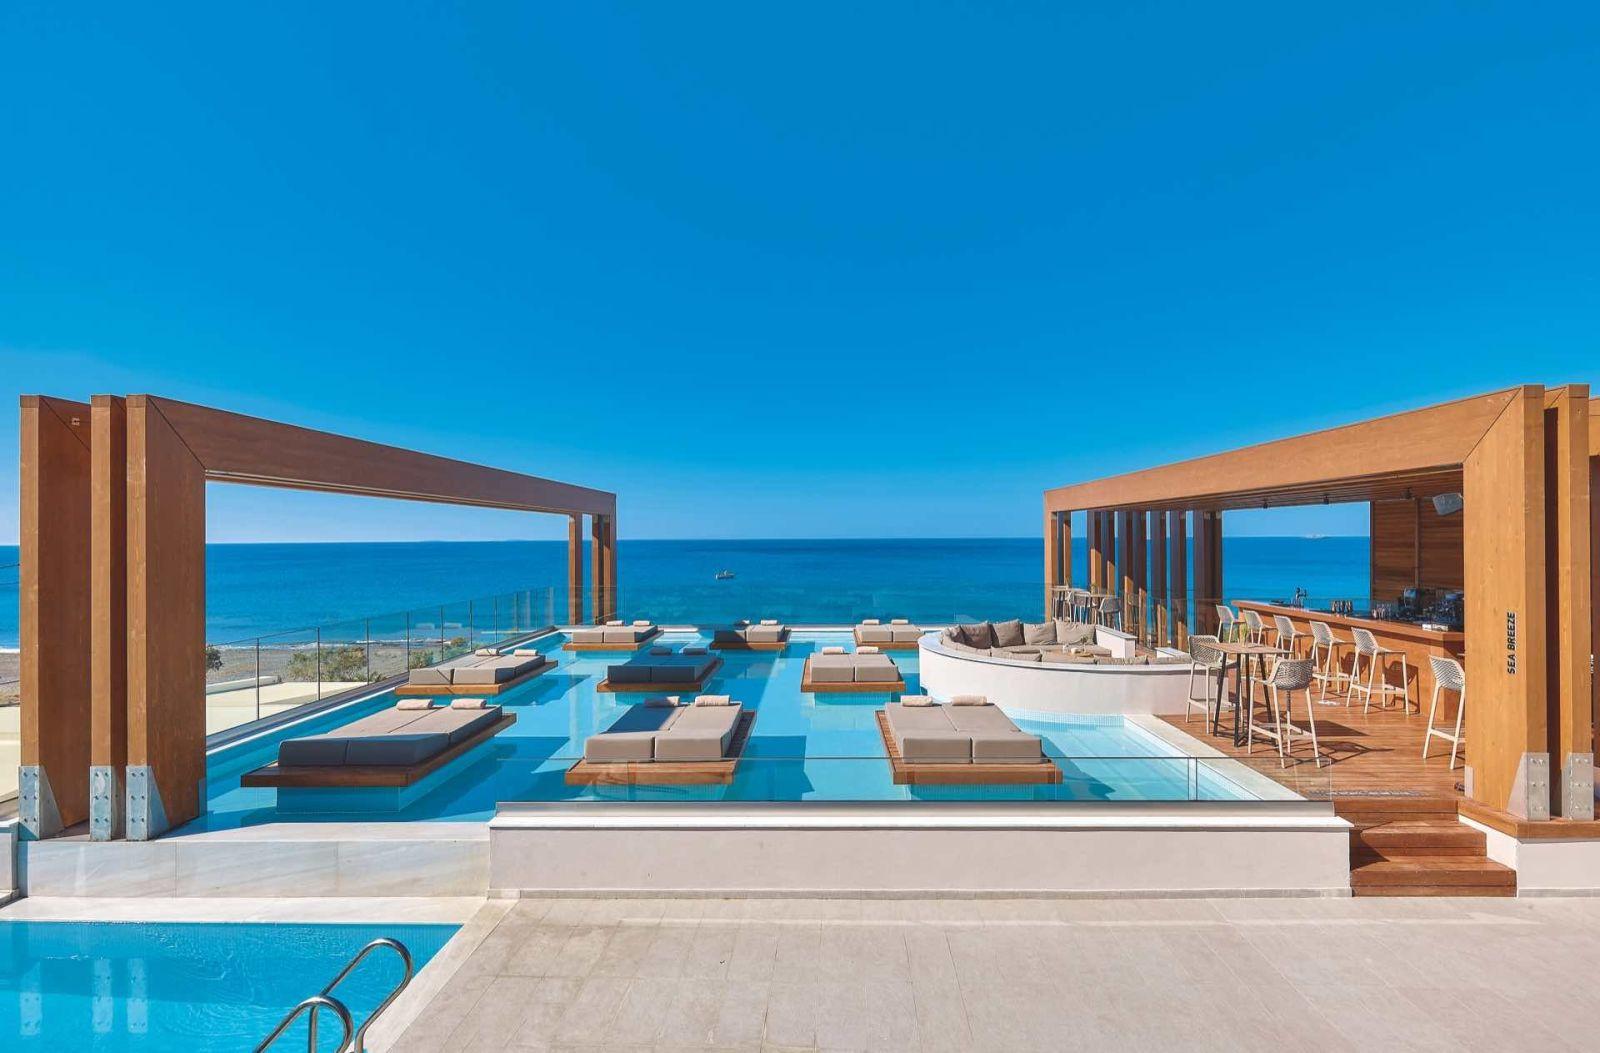 Enorme Santanna Beach, Crete, Greece